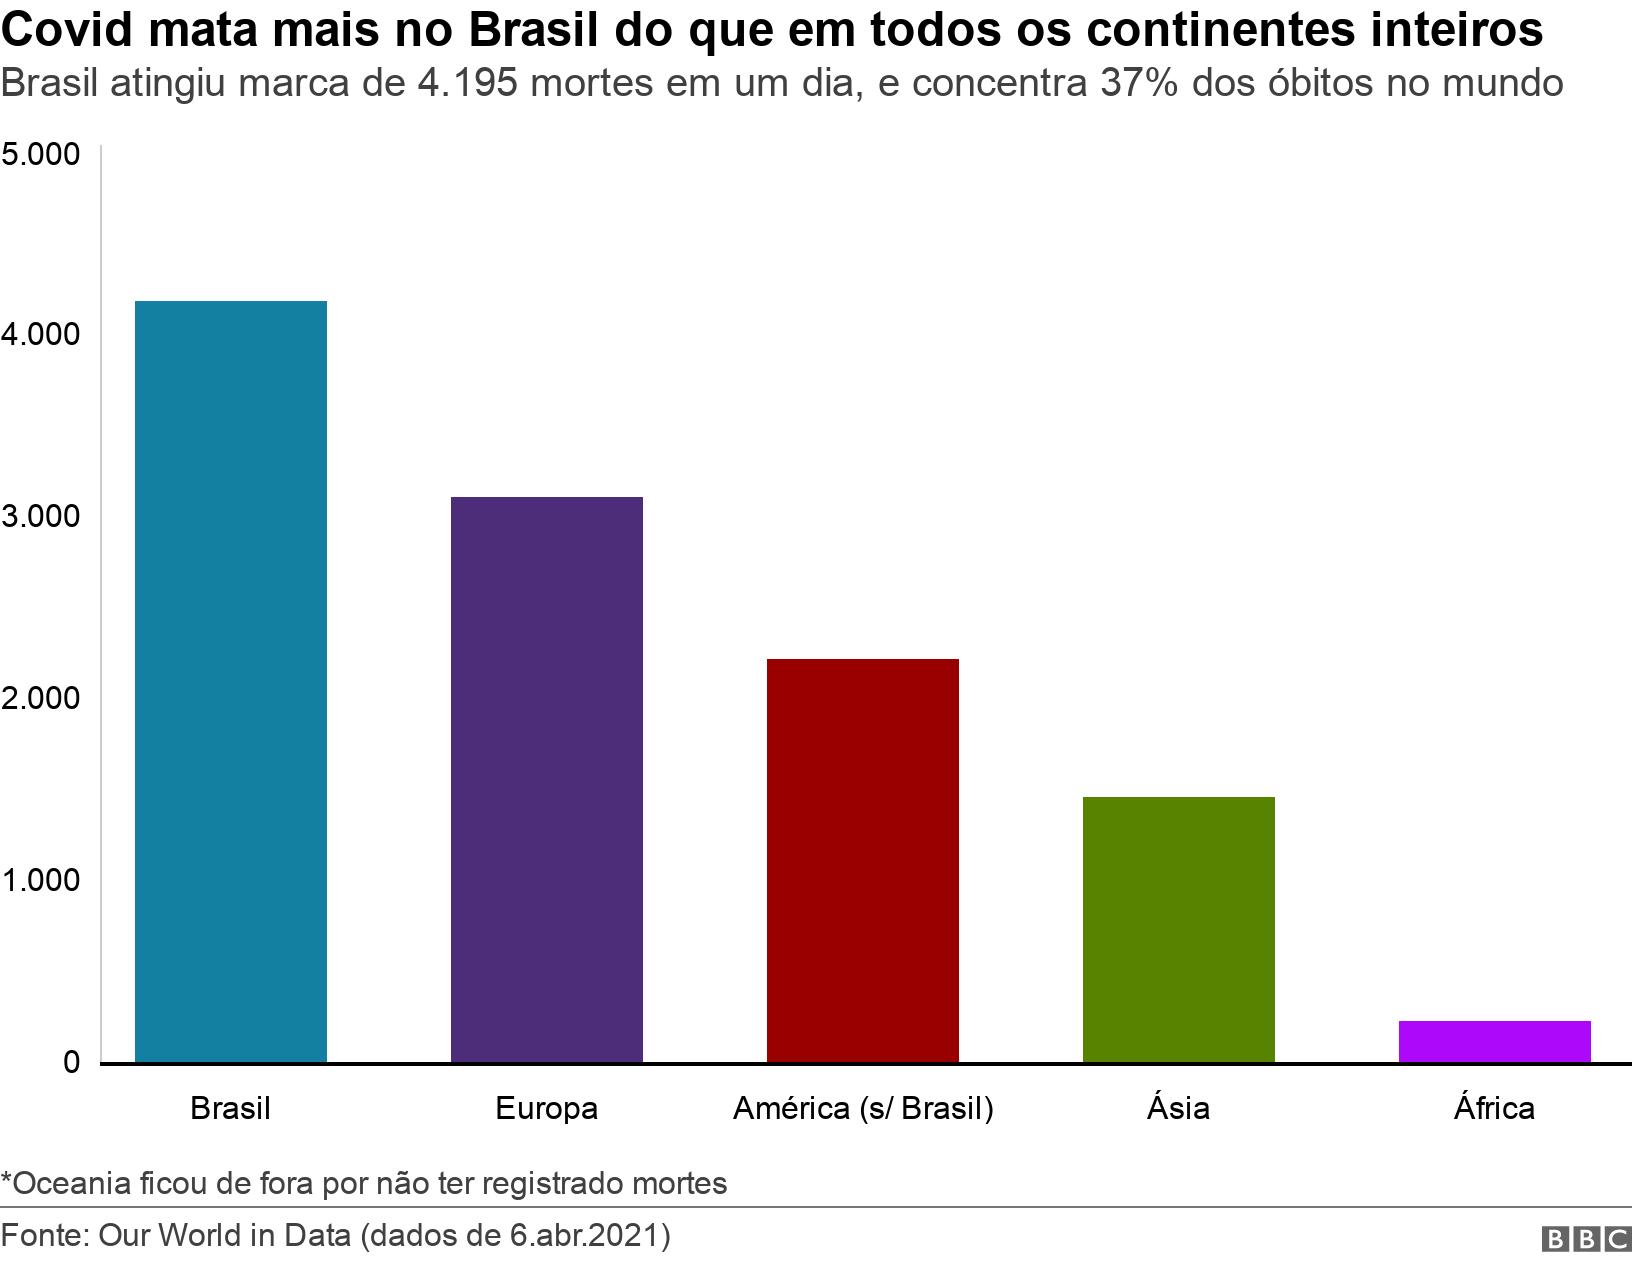 Covid mata mais no Brasil do que em todos os continentes inteiros. Brasil atingiu marca de 4.195 mortes em um dia, e concentra 37% dos óbitos no mundo.  *Oceania ficou de fora por não ter registrado mortes.